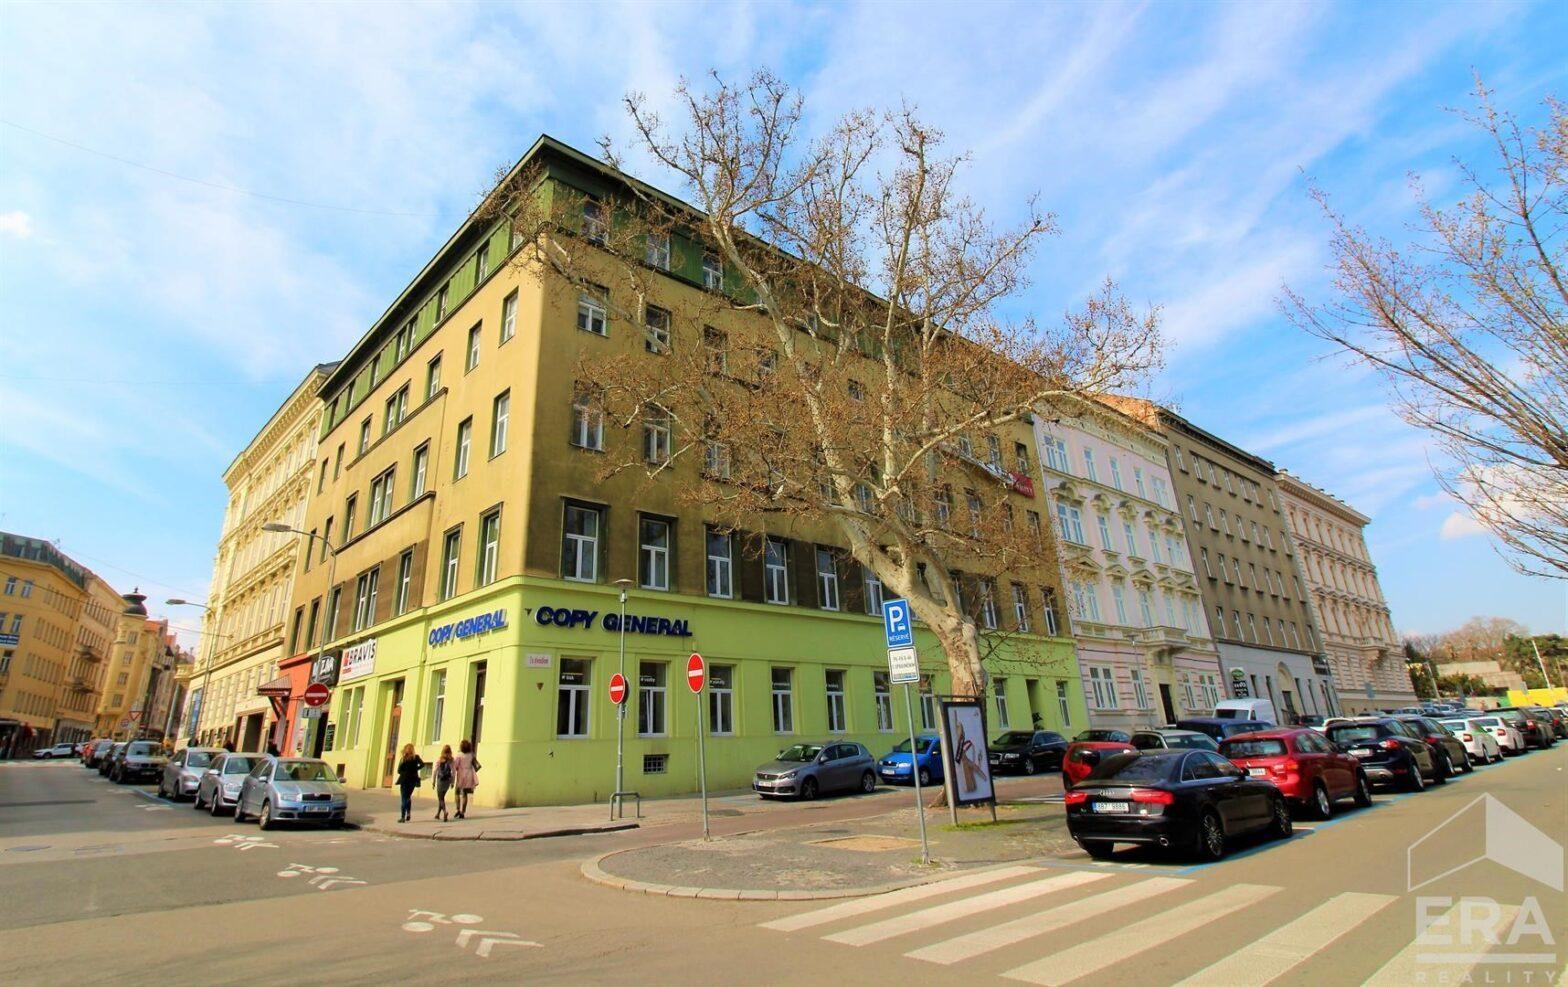 Pronájem dvoukanceláře (37,2m2), Brno-město, Dvořákova